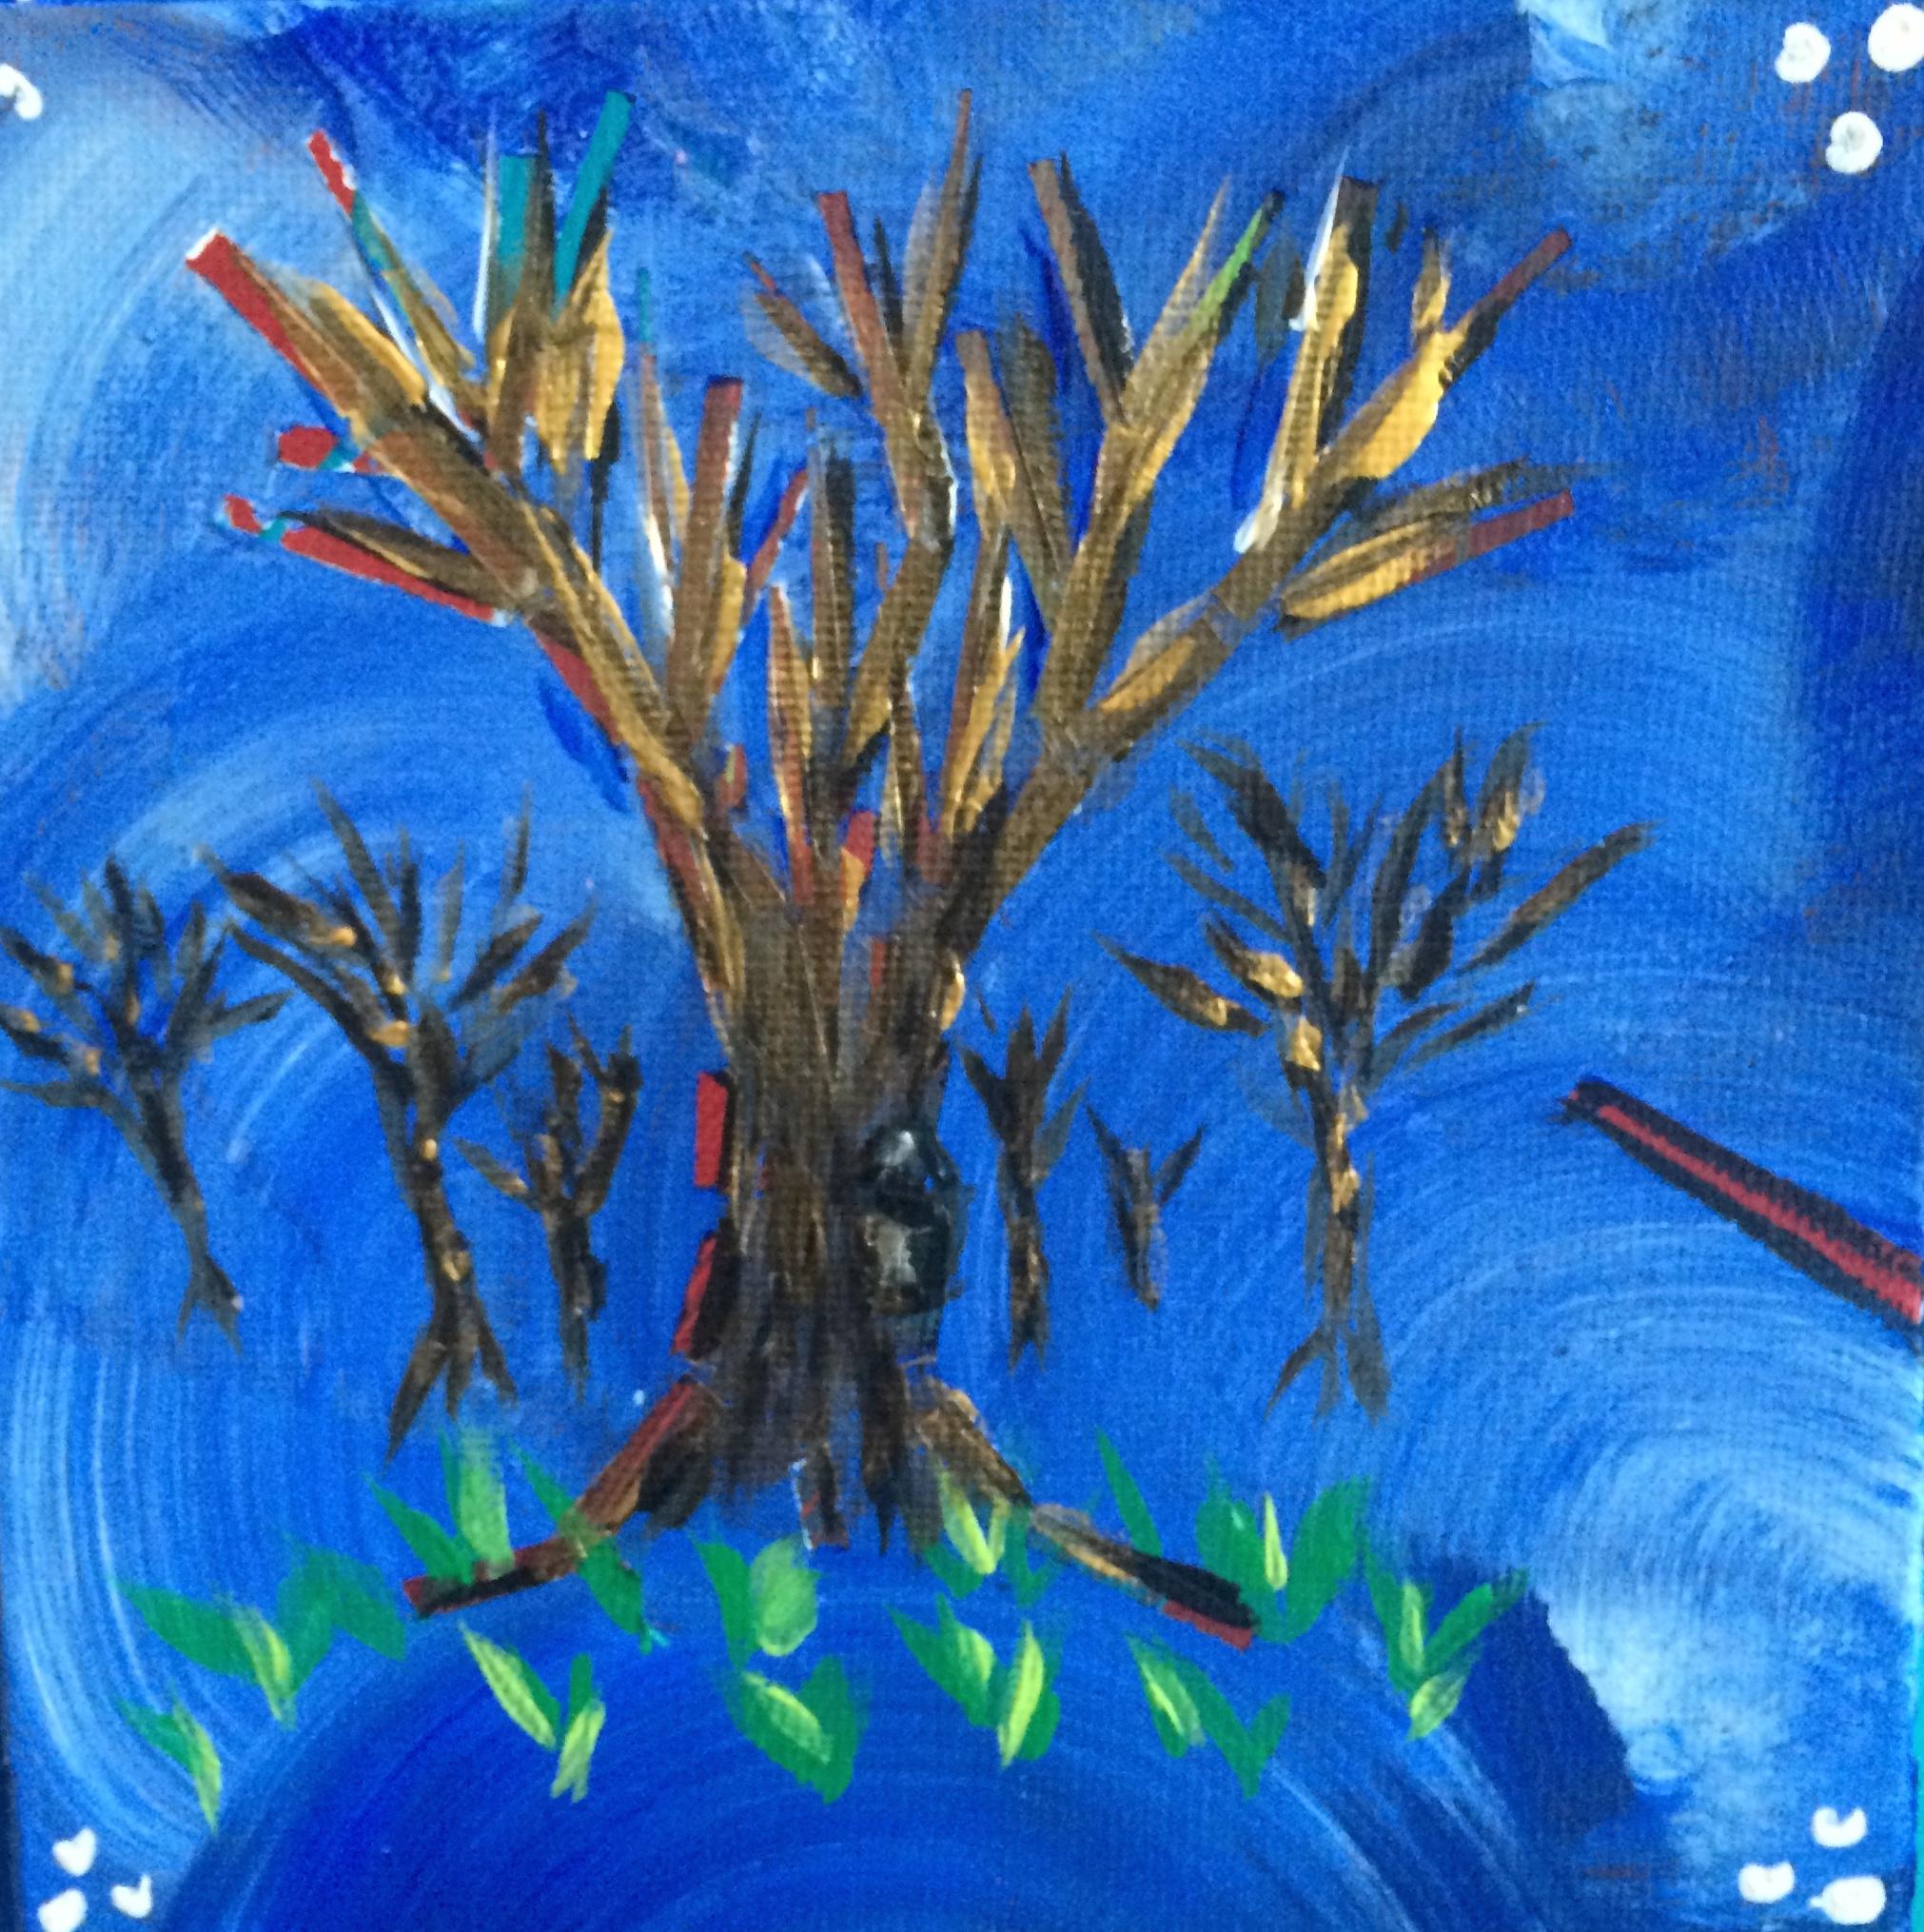 acrylic on canvas, 2013-2015